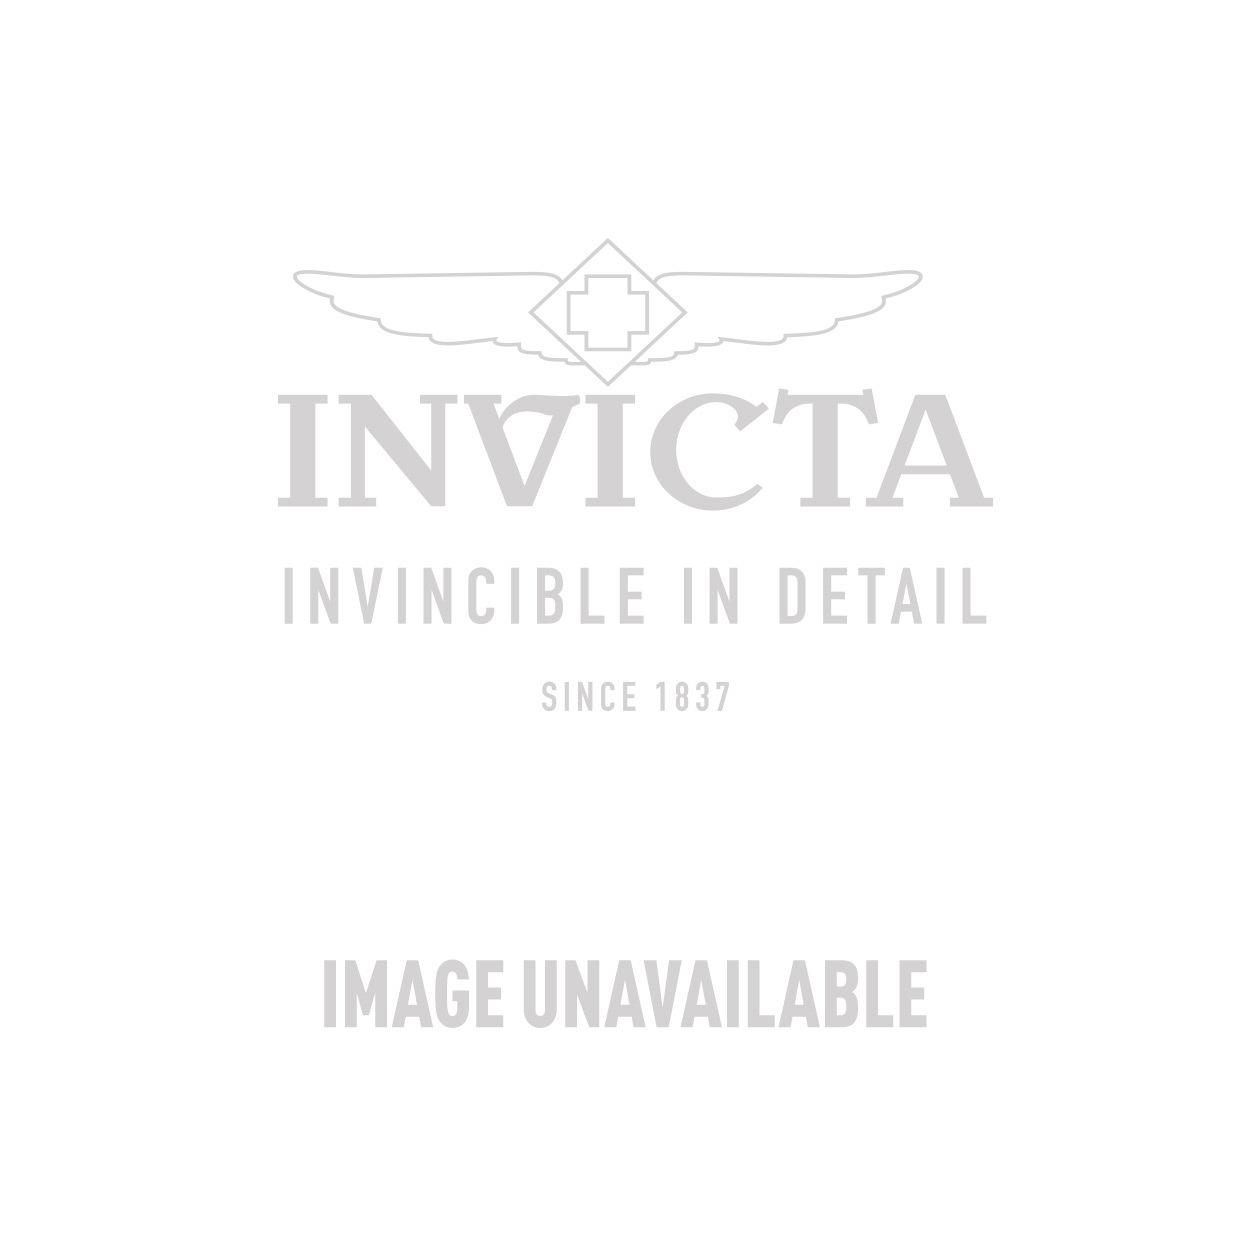 Invicta Model 28822